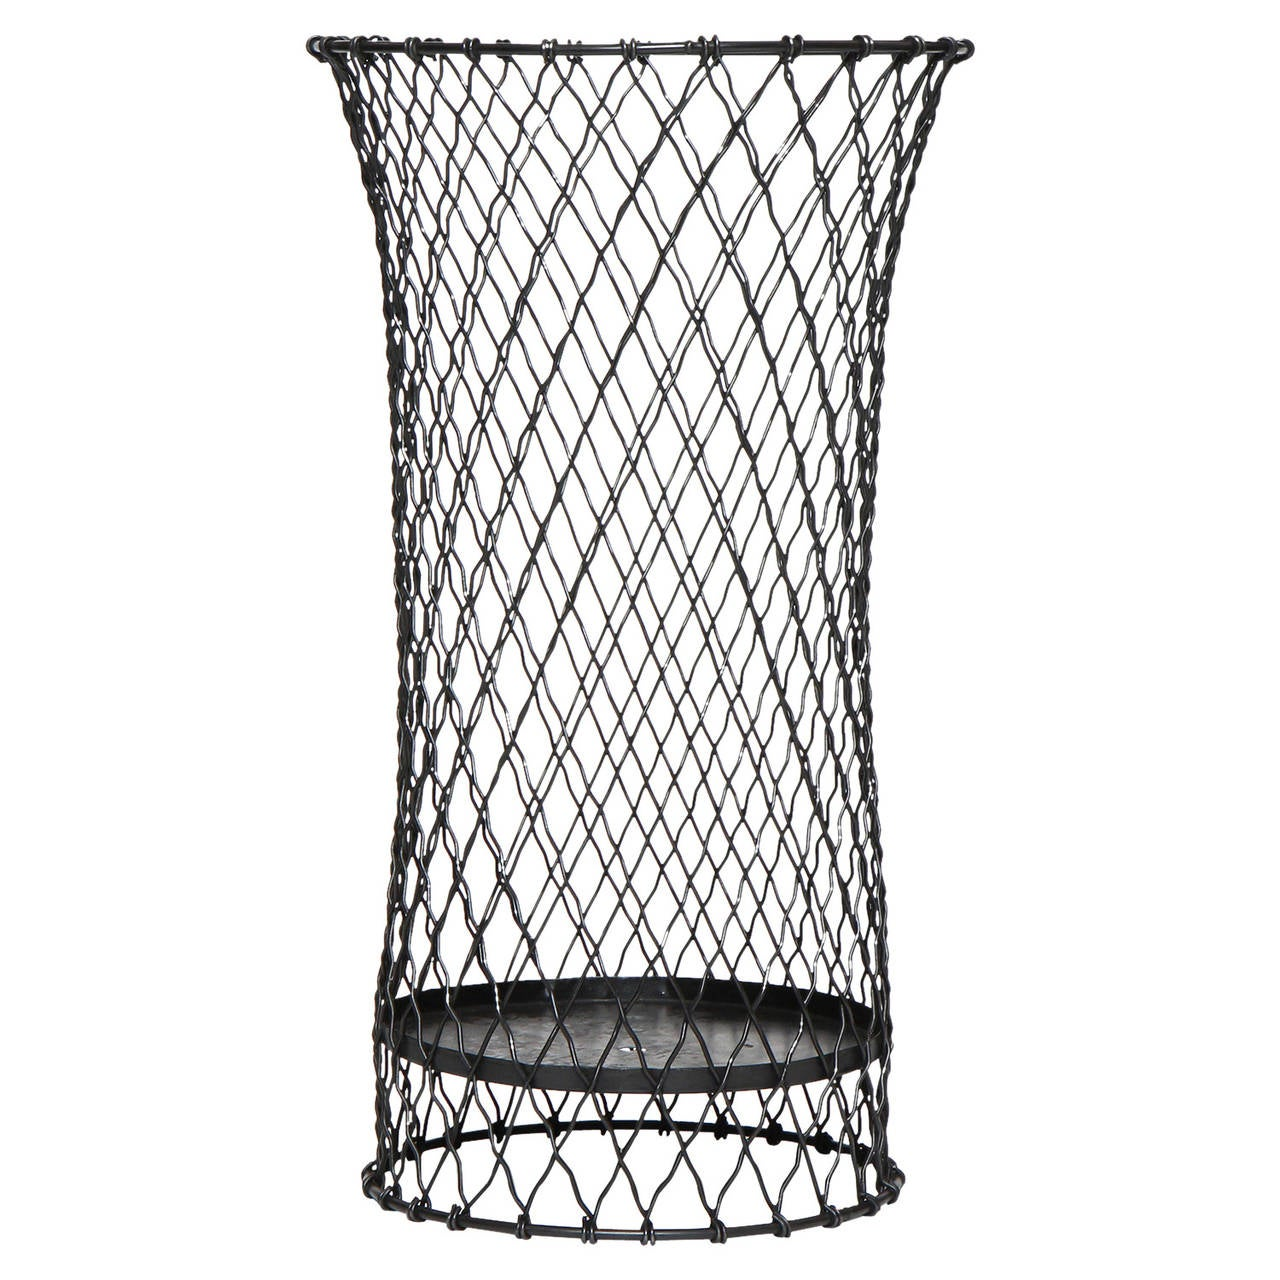 industrial wire waste basket at 1stdibs. Black Bedroom Furniture Sets. Home Design Ideas